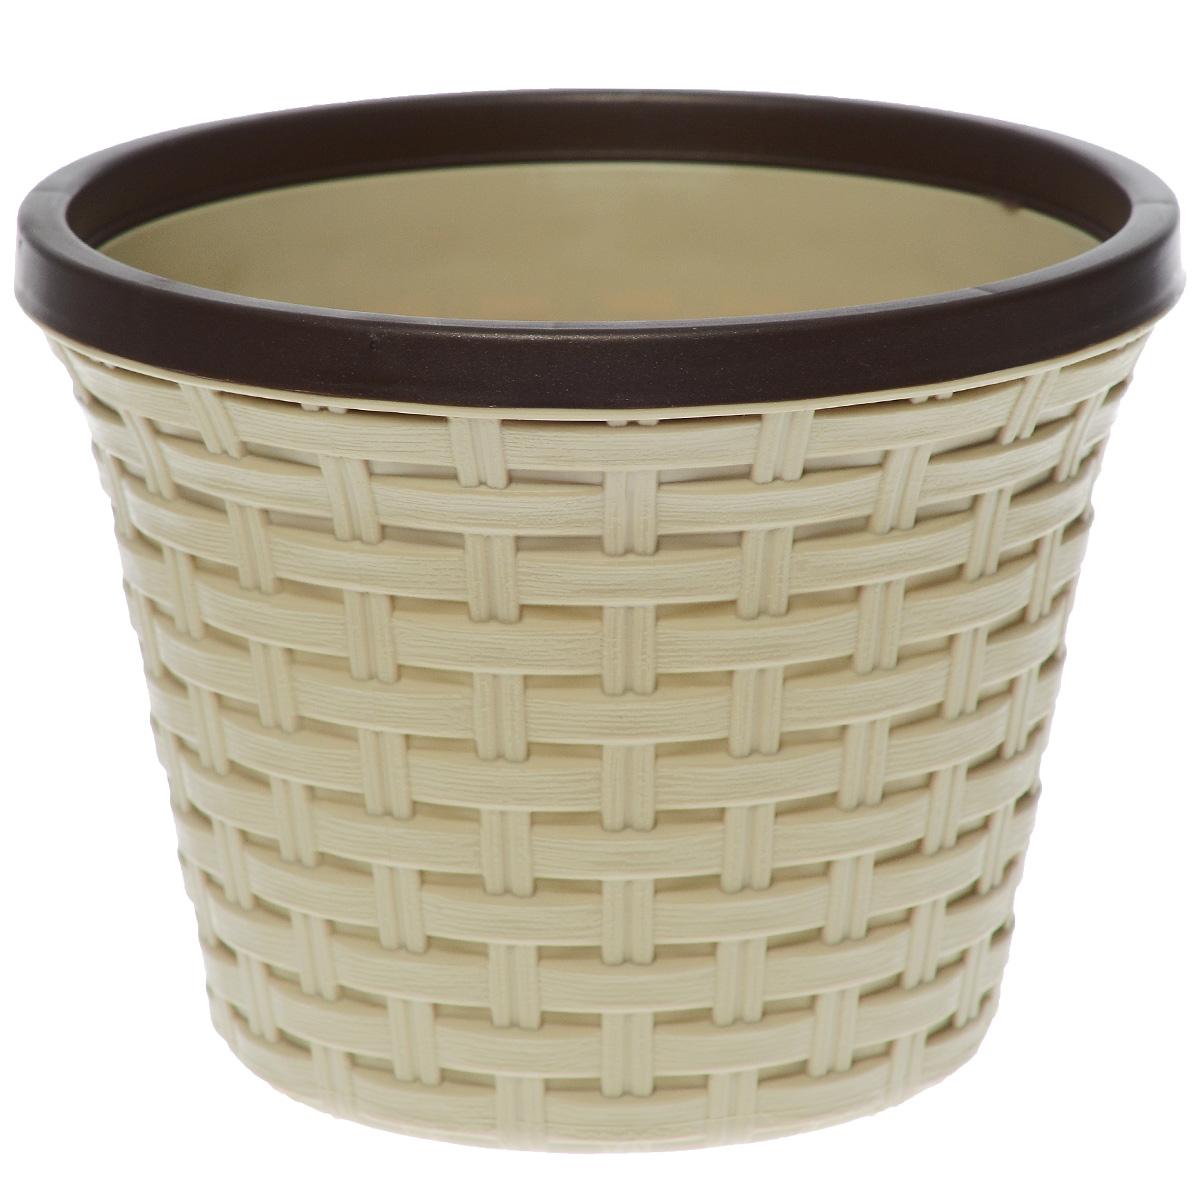 Кашпо Violet Ротанг, с дренажной системой, цвет: бежевый, 2,2 л32220/2Кашпо Violet Ротанг изготовлено из высококачественного пластика и оснащено дренажной системой для быстрого отведения избытка воды при поливе. Изделие прекрасно подходит для выращивания растений и цветов в домашних условиях. Лаконичный дизайн впишется в интерьер любого помещения. Объем: 2,2 л.